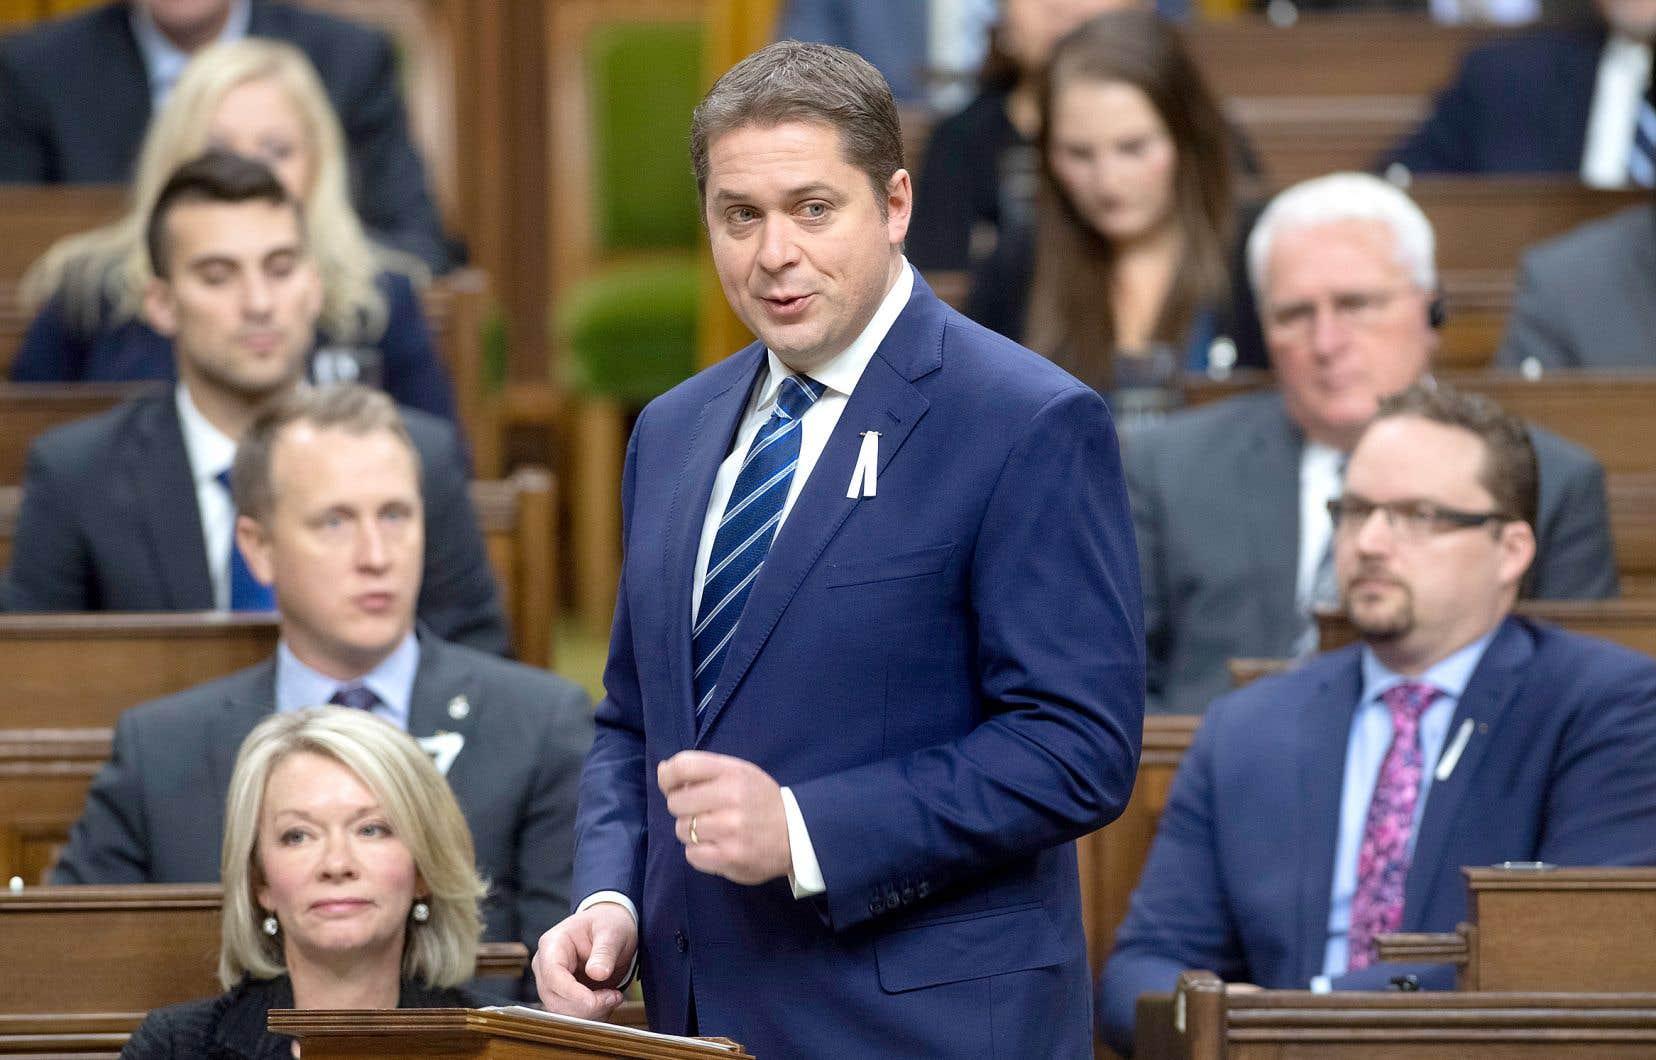 M.Scheer a réitéré, vendredi, sa promesse d'empêcher certains groupes militants, s'il est un jour élu premier ministre, de participer aux consultations publiques sur les projets énergétiques.